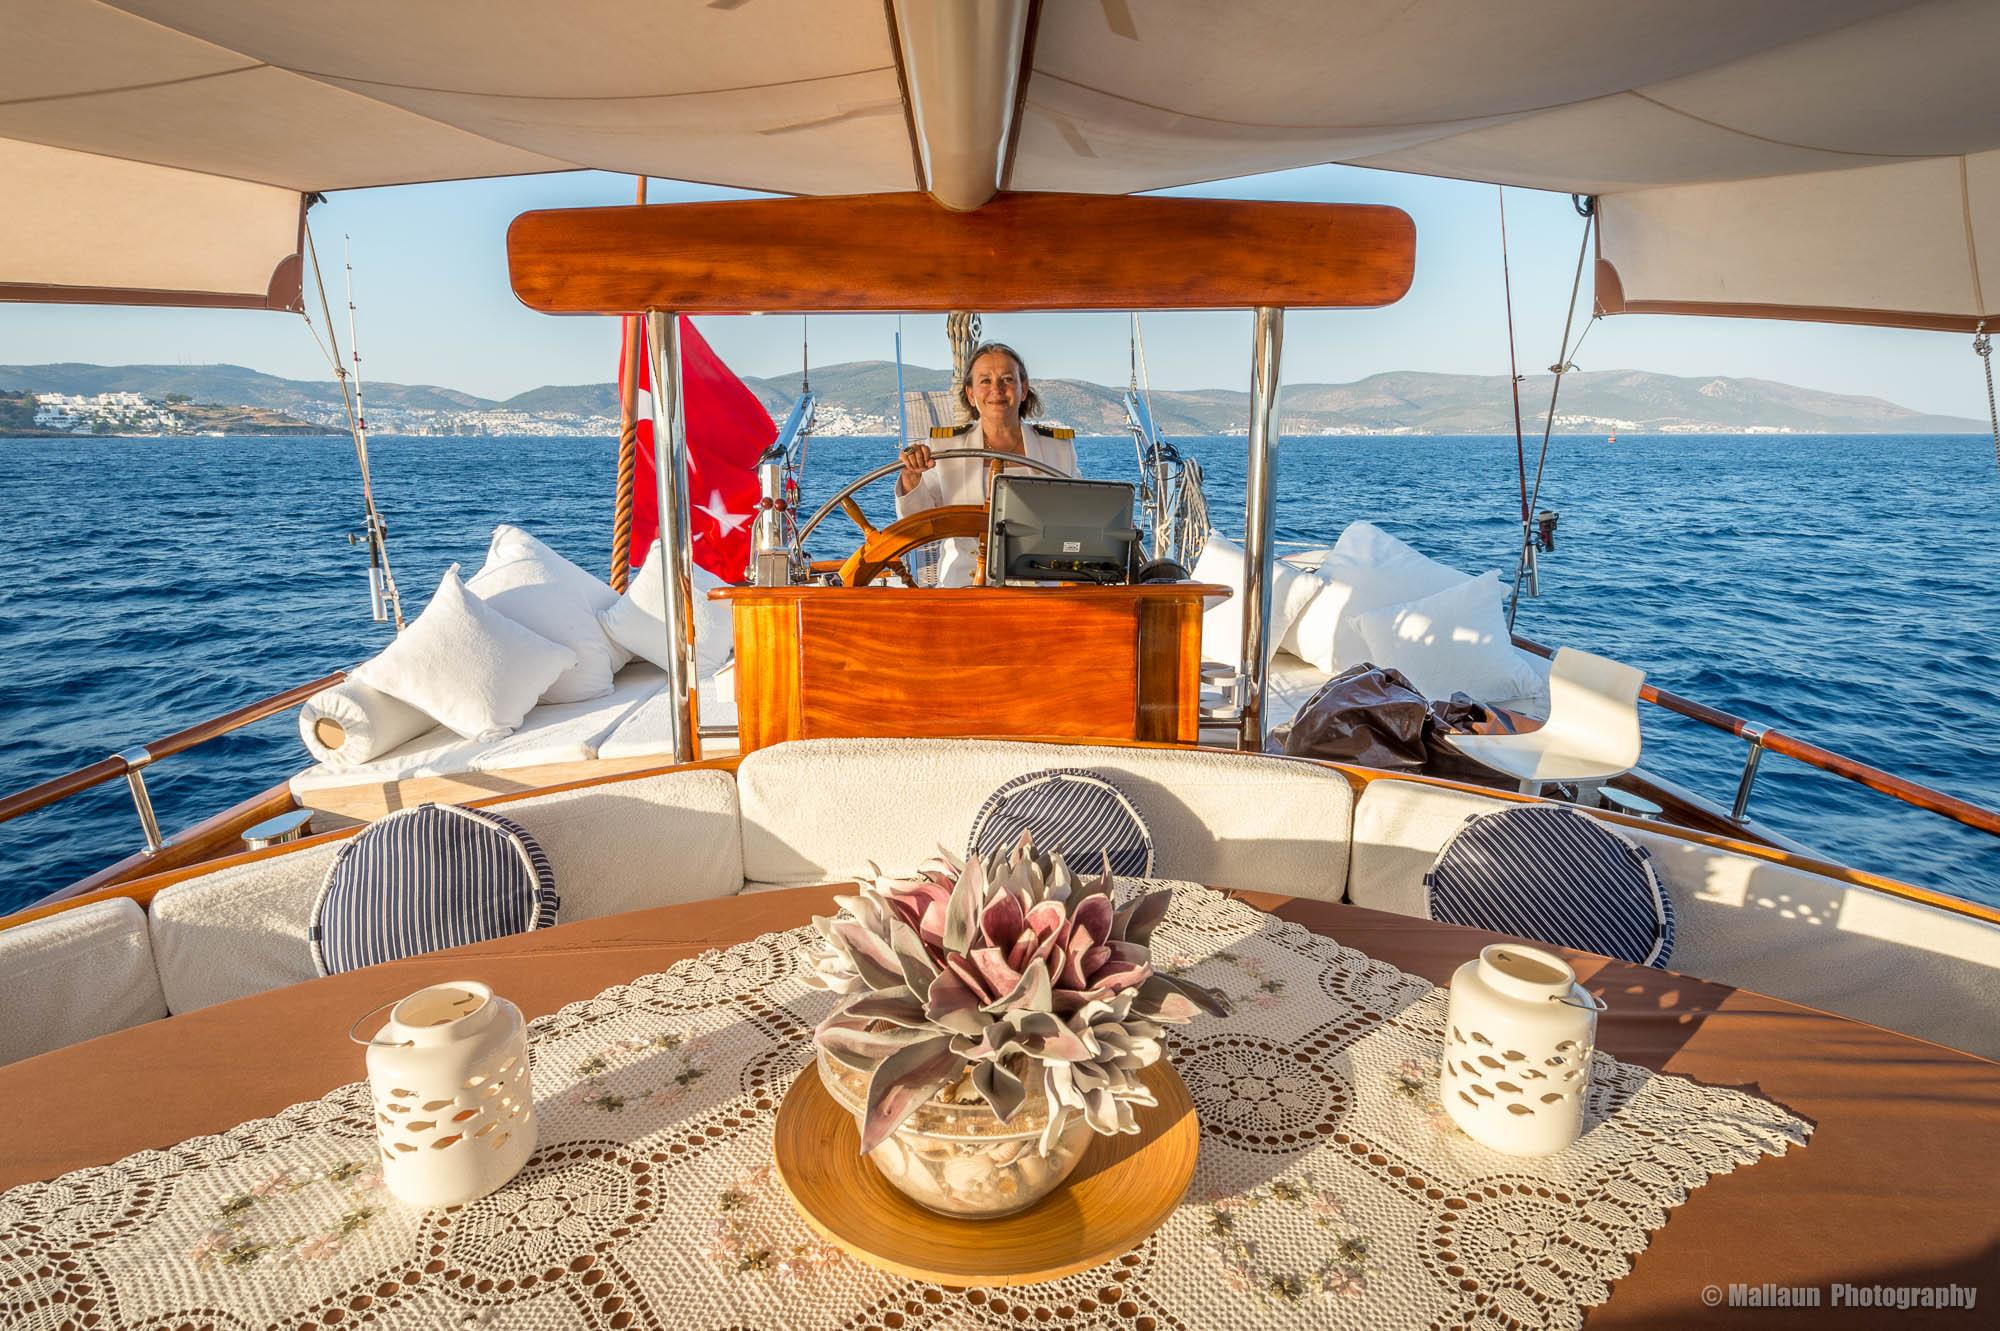 Von Mai bis September ist Nazan Corta mit ihrem prachtvollem Gulet «Princess Nazan Deniz» auf hoher See © Mallaun Photography